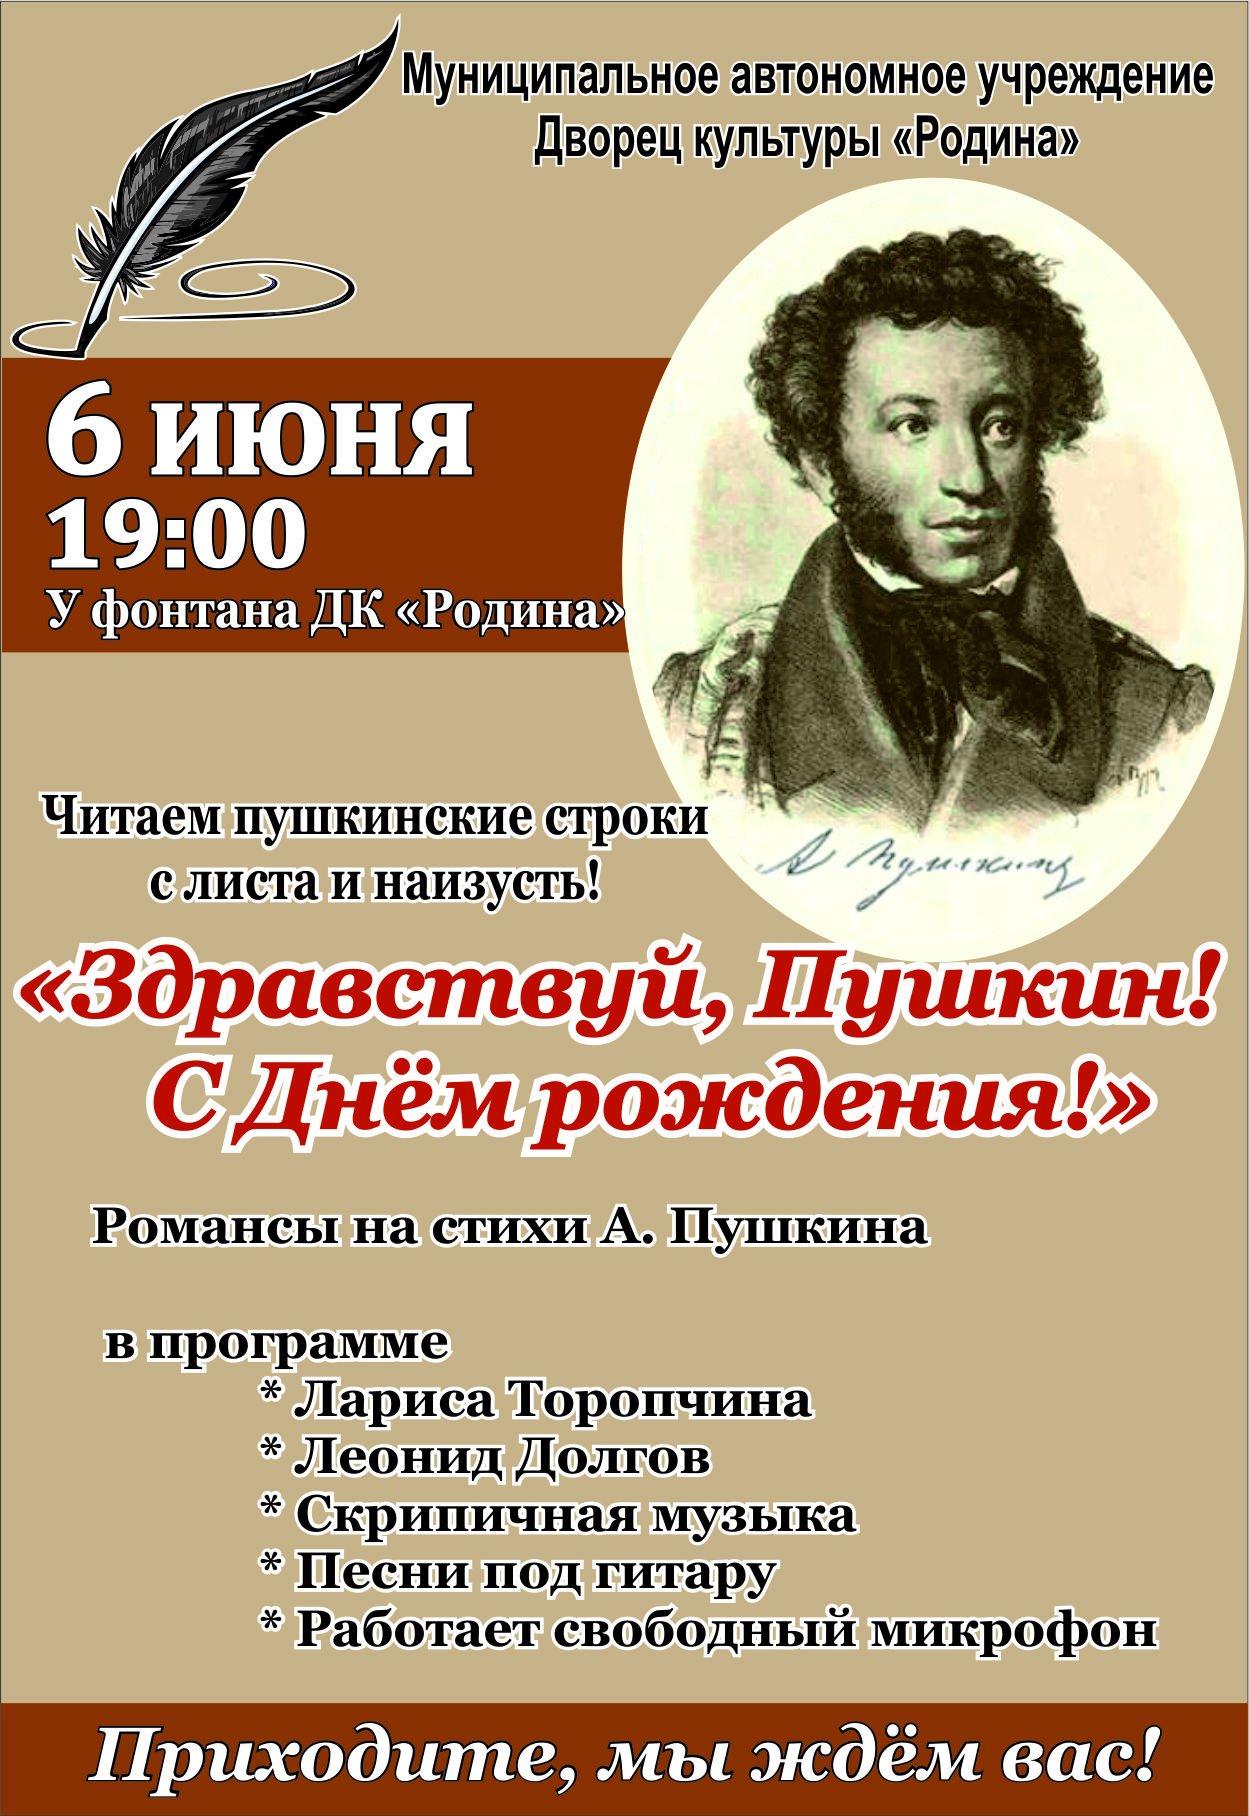 Картинки с днем рождения пушкина, открытки добрым